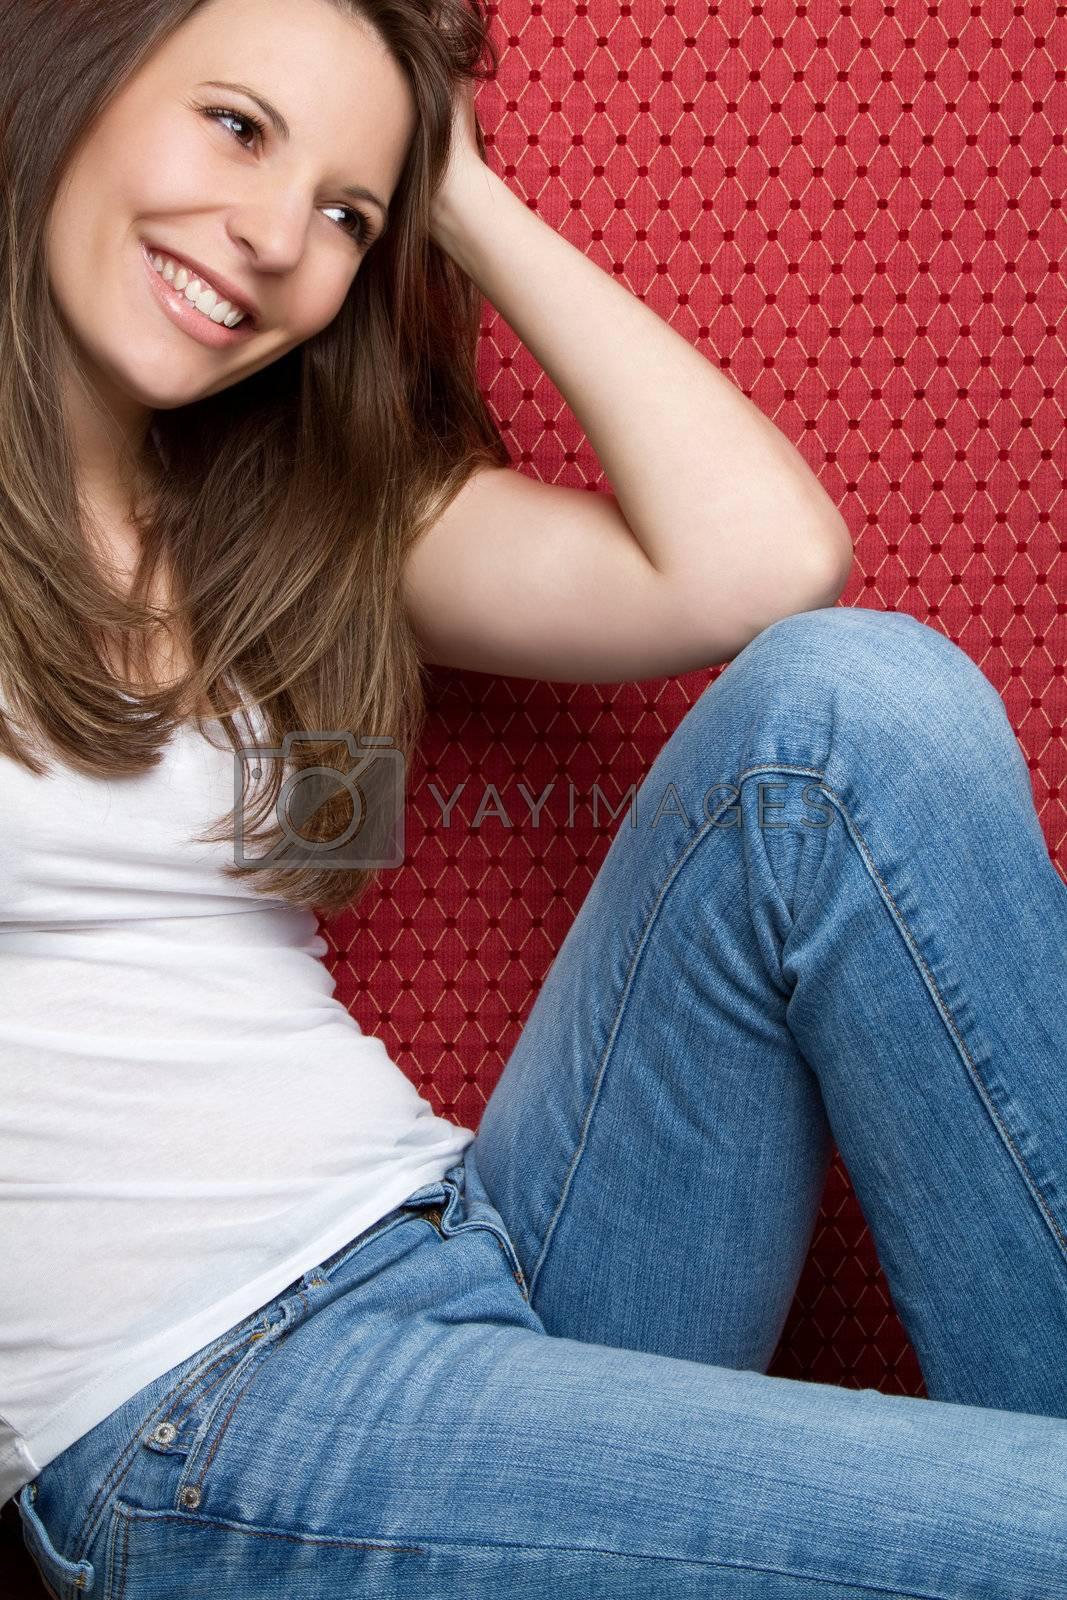 Happy teen girl wearing jeans